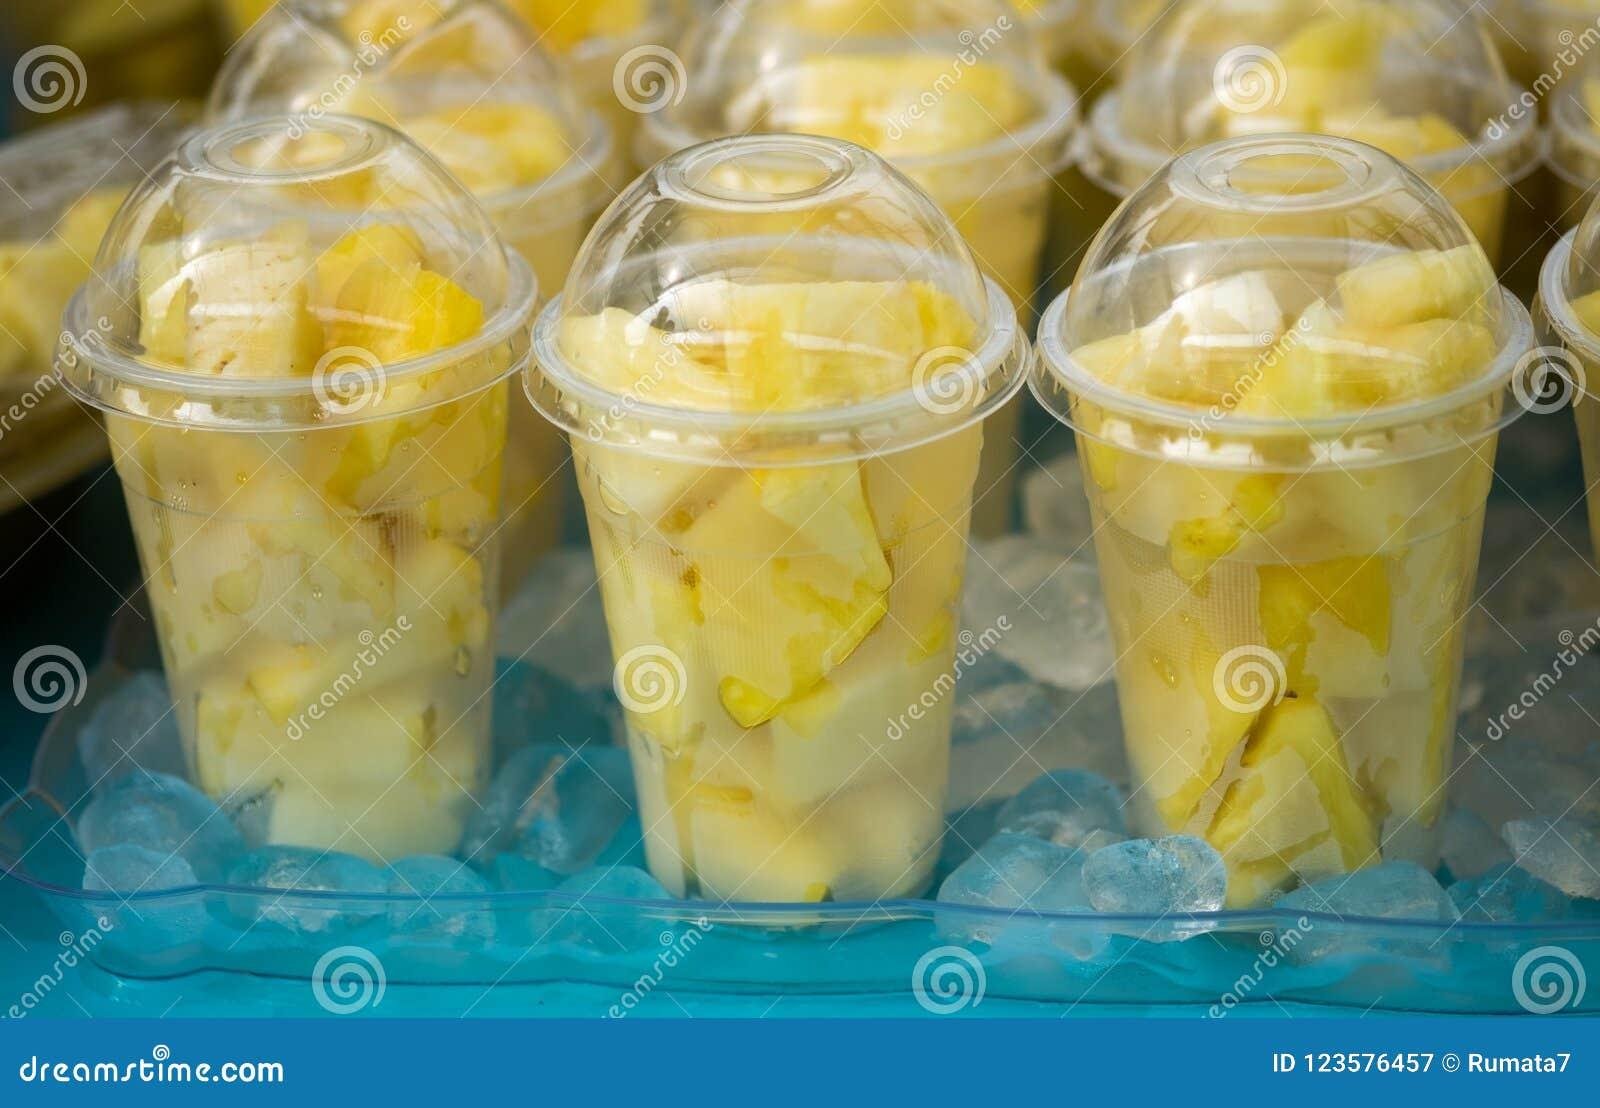 Świeży ananas składa sałatki w plastikowych przejrzystych filiżankach